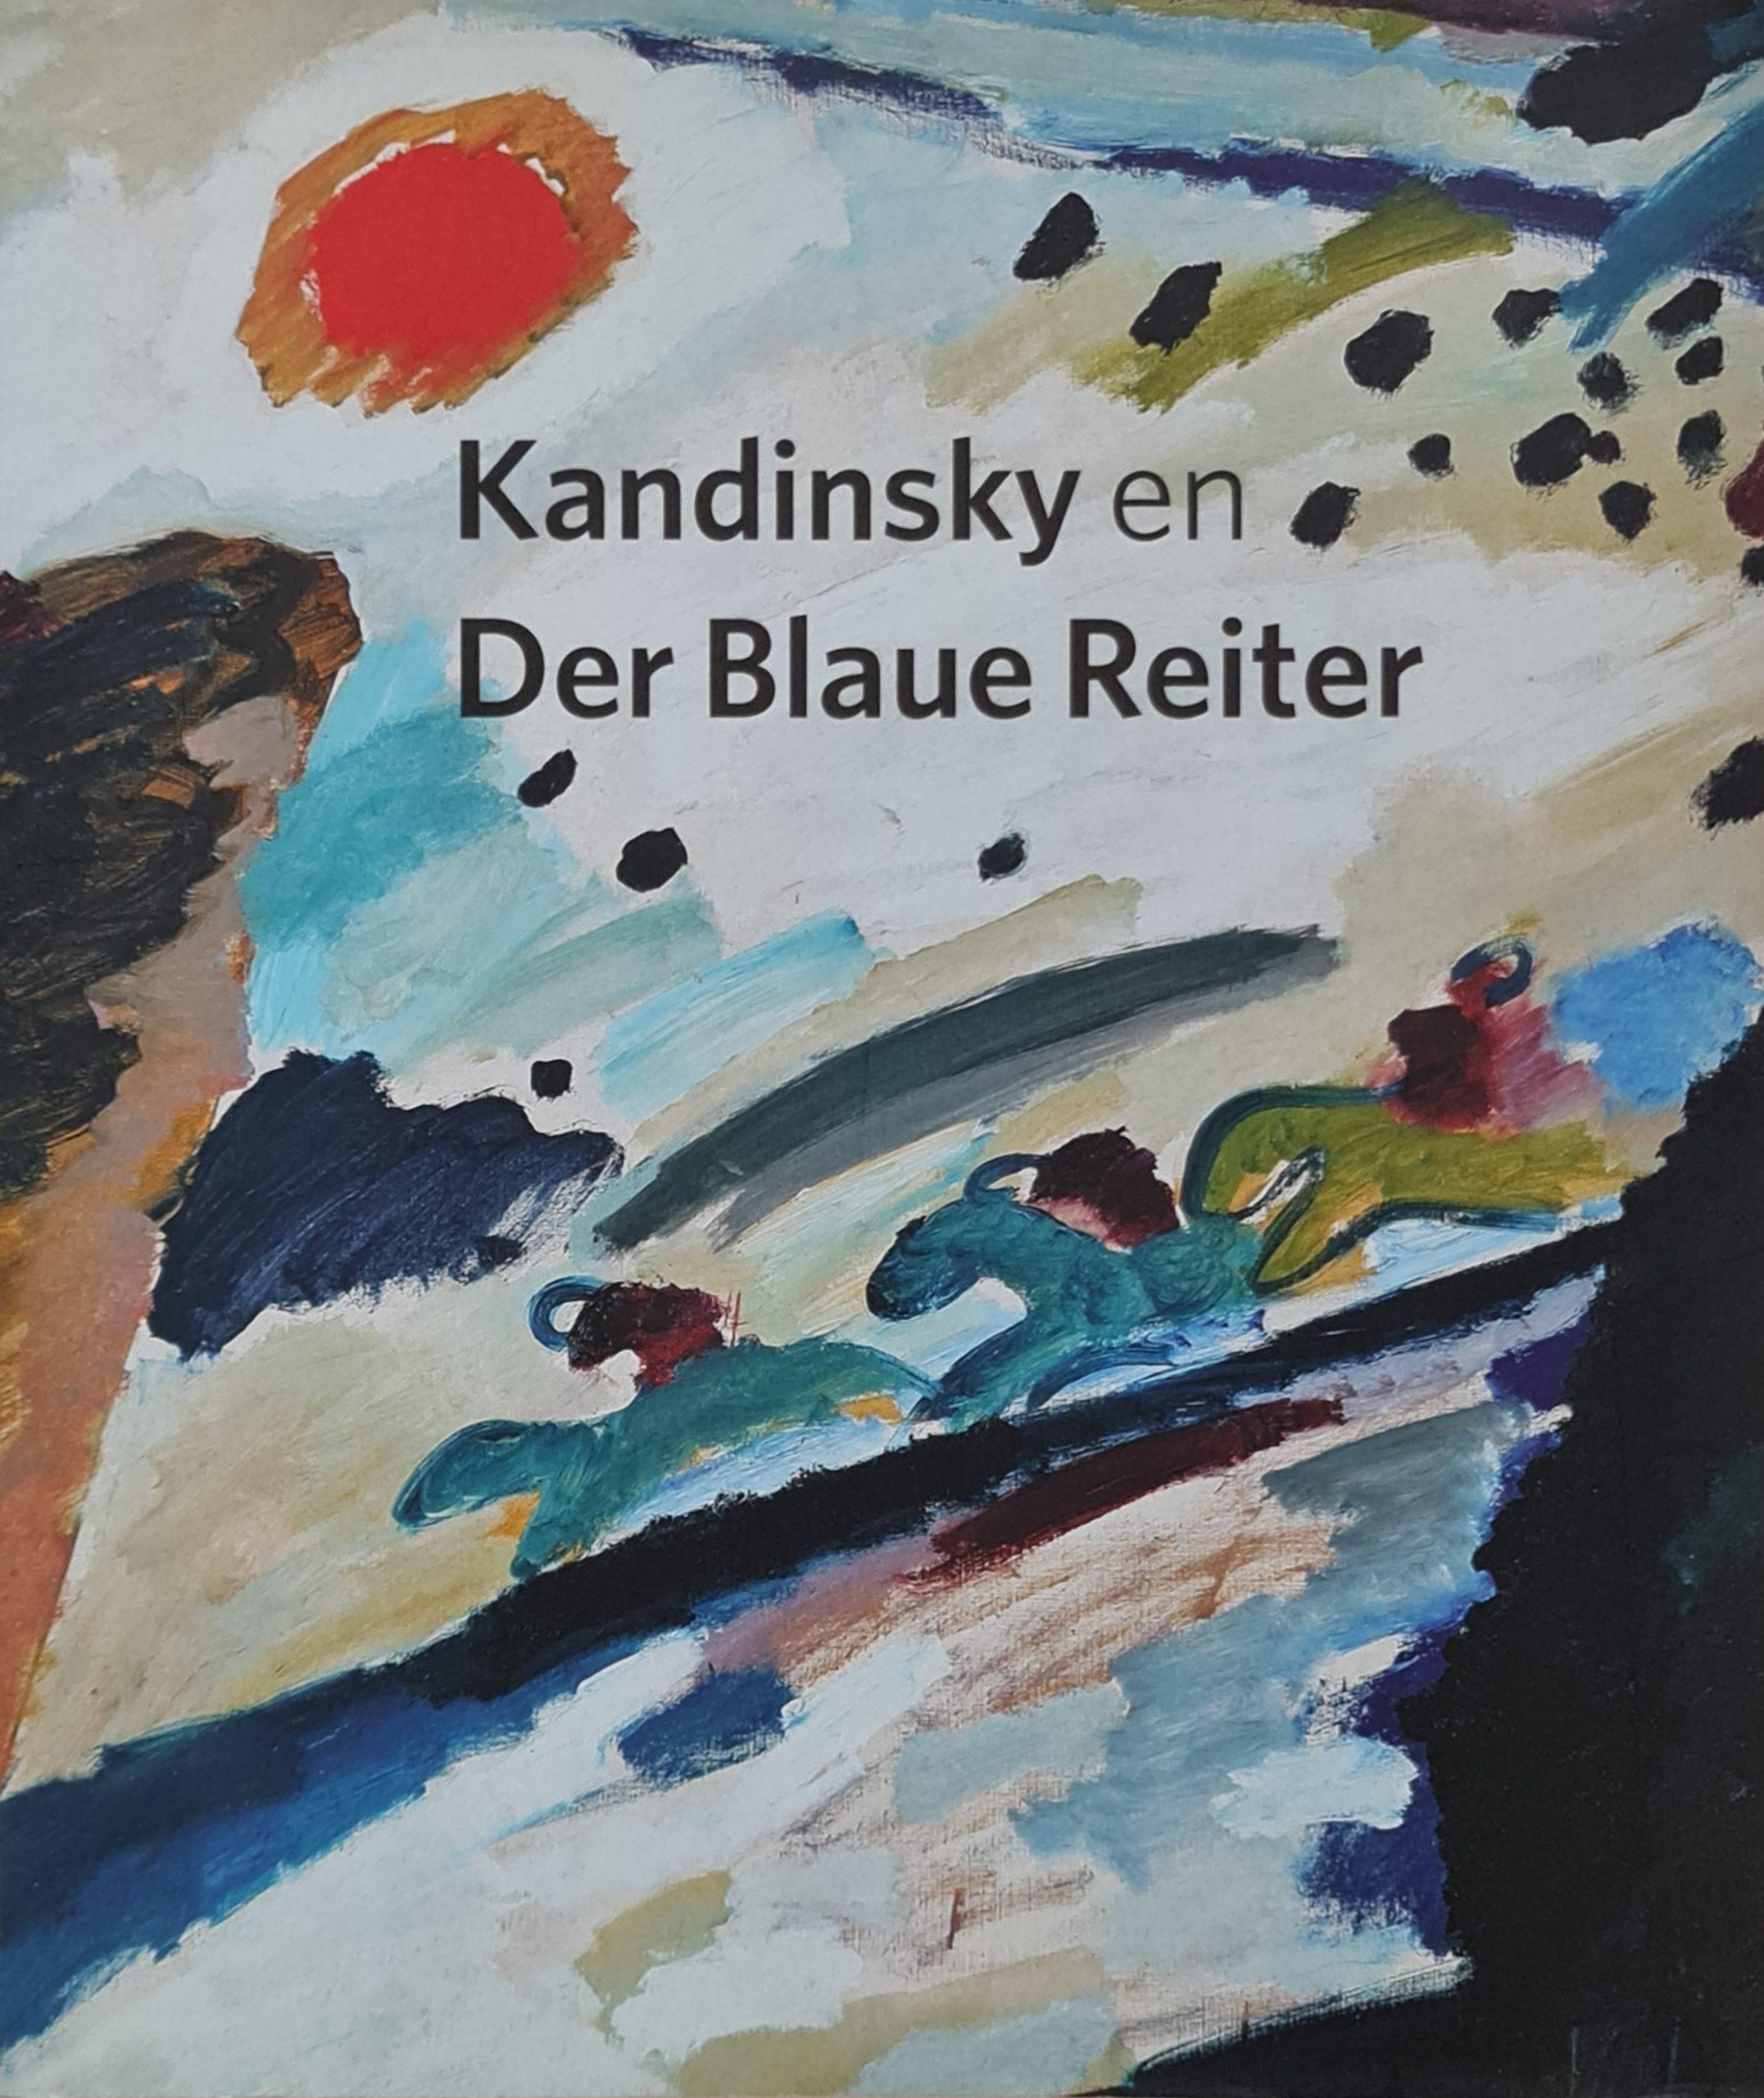 Kandinsky en Der Blaue Reiter Publicatie ter gelegenheid van de tentoonstelling Kadinsky en Der Blaue Reiter in het Gemeentemuseum Den Haag van 6 februari 24 mei 2010 ISBN 978-90-5544-950-7 isbn 9679055449507 kadinsky kunstboek kadinsky artbook kadinsky boek skoander.com